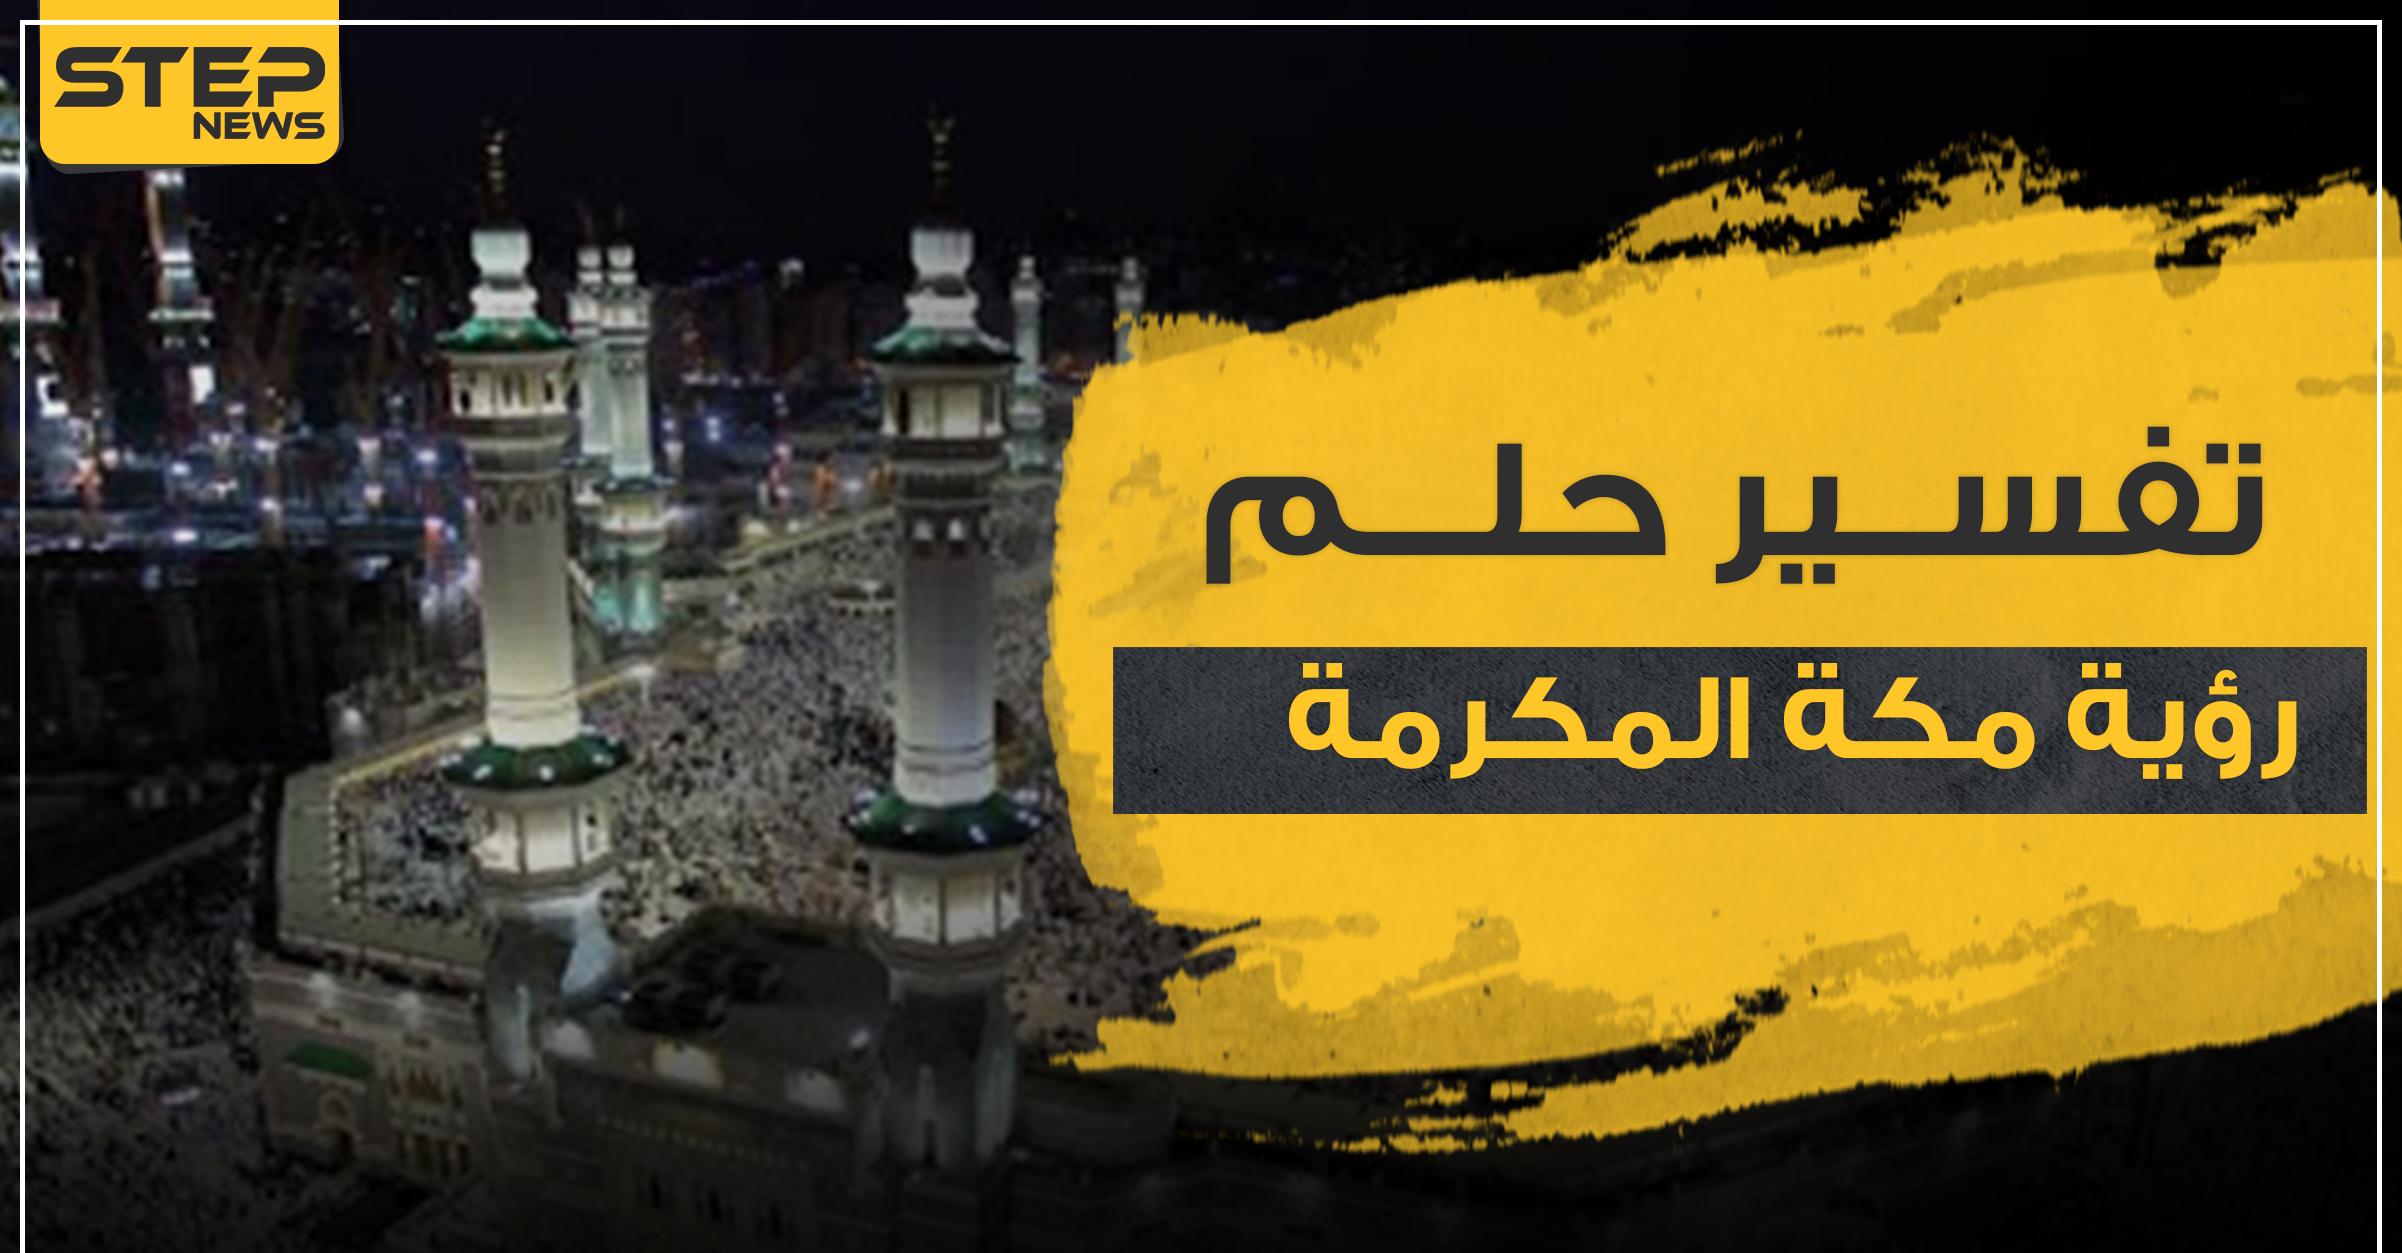 تفسير حلم رؤية مكة المكرمة